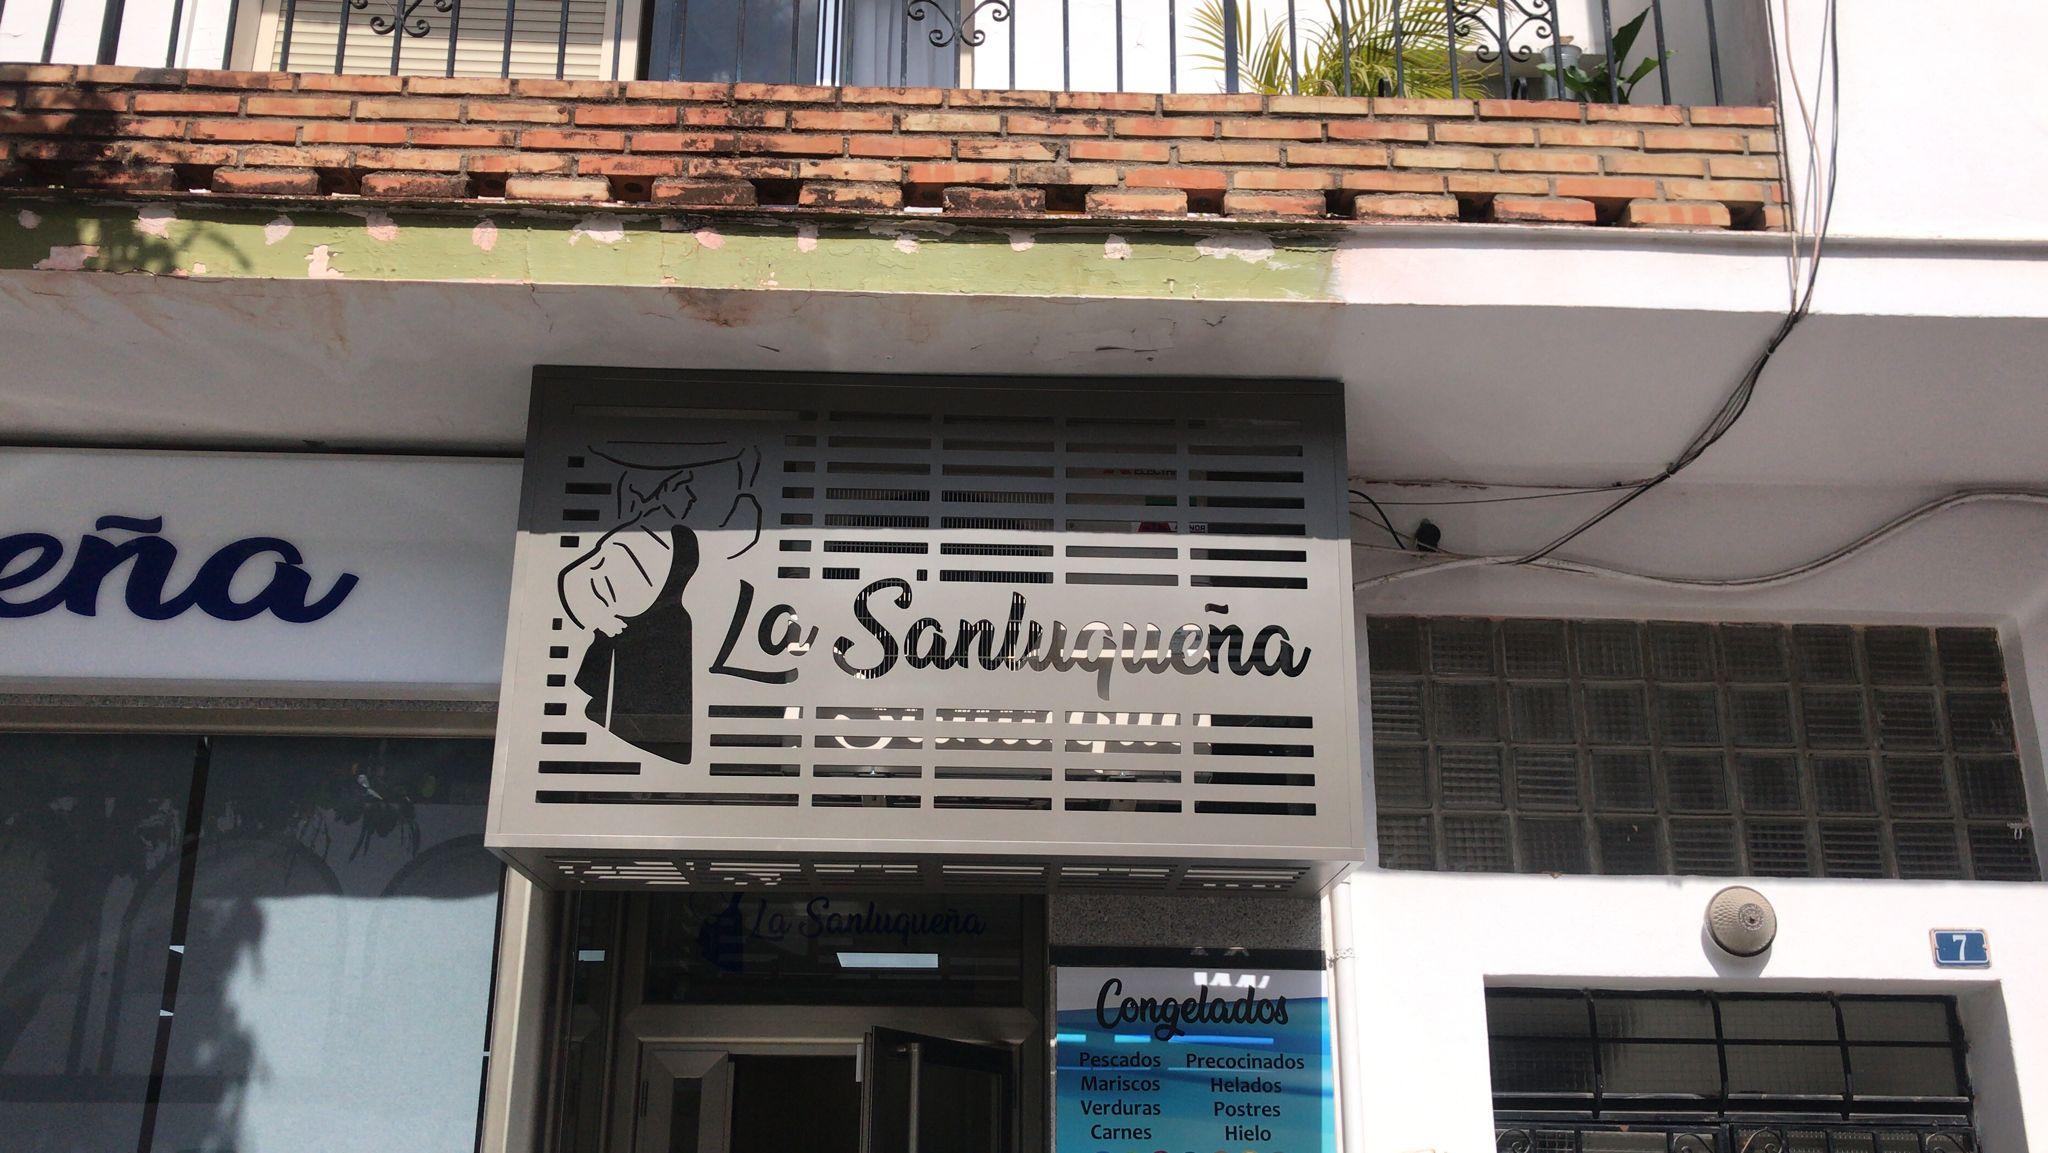 Cubreradiador personalizado en Málaga